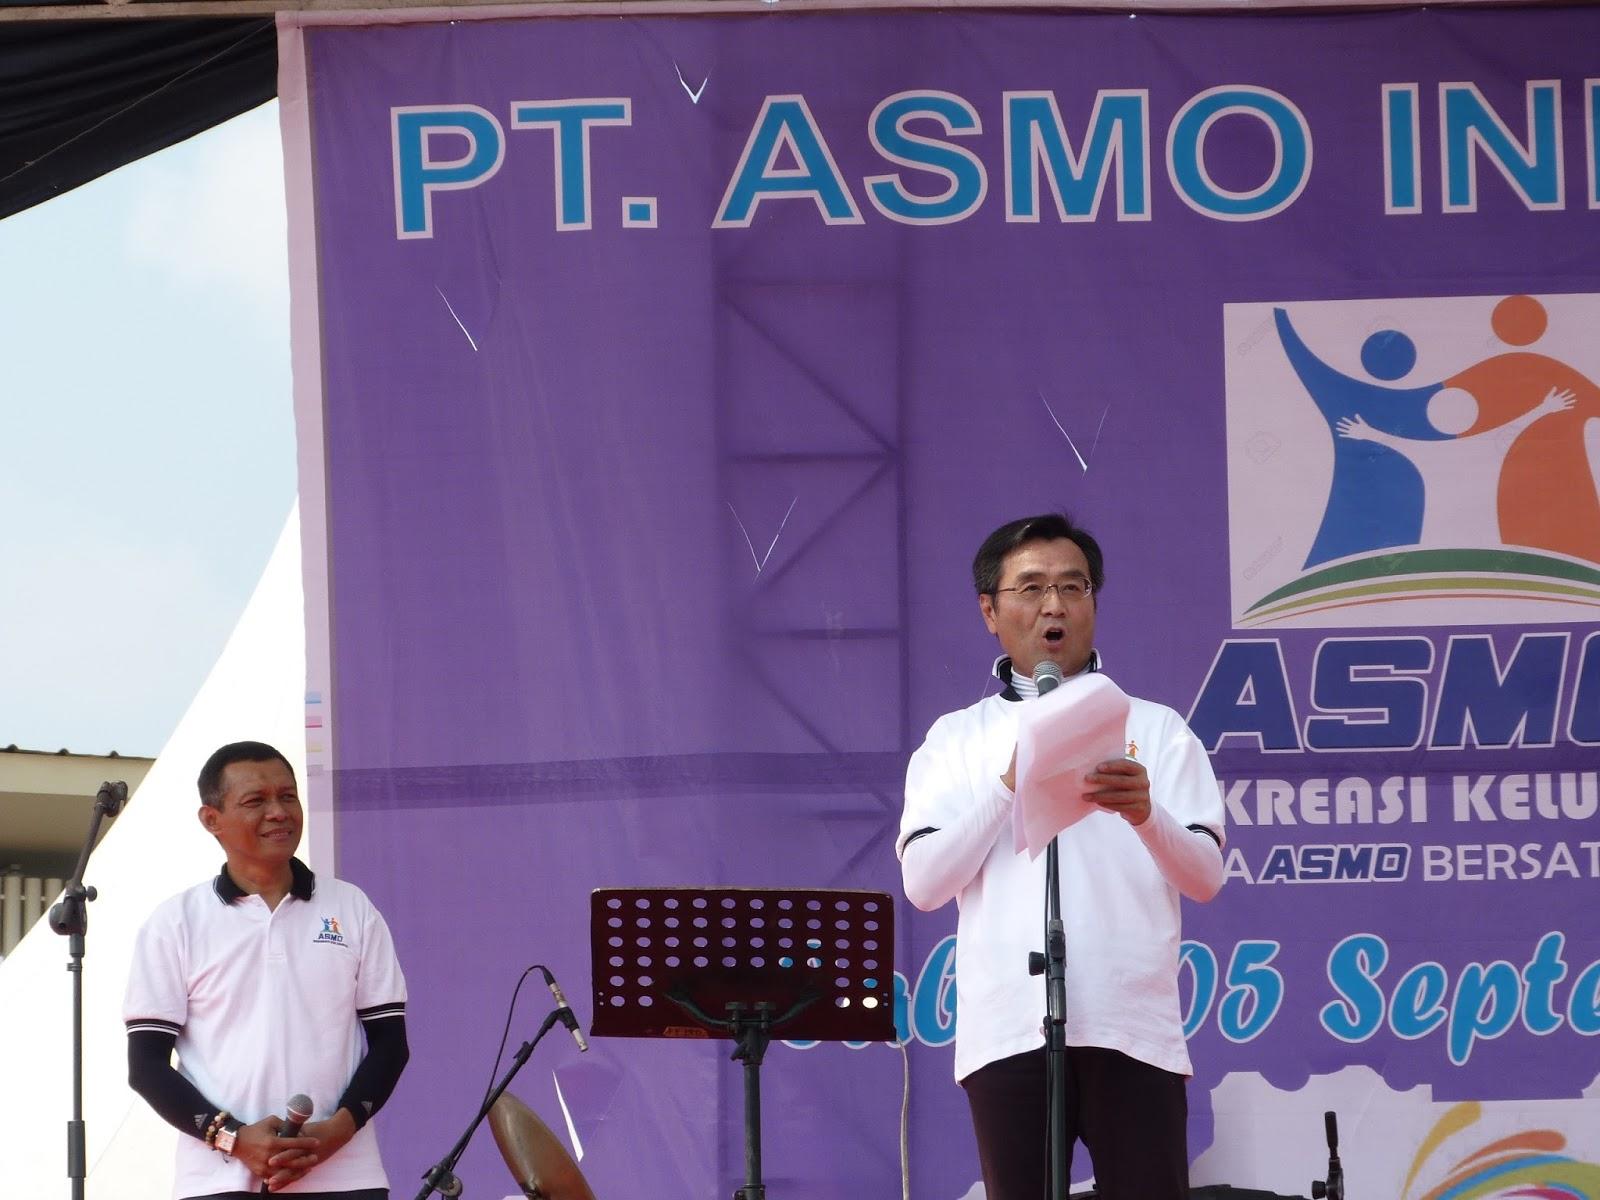 Loker MM2100 Bekasi 2019 PT.Asmo Indonesia Lowongan Operator Produksi